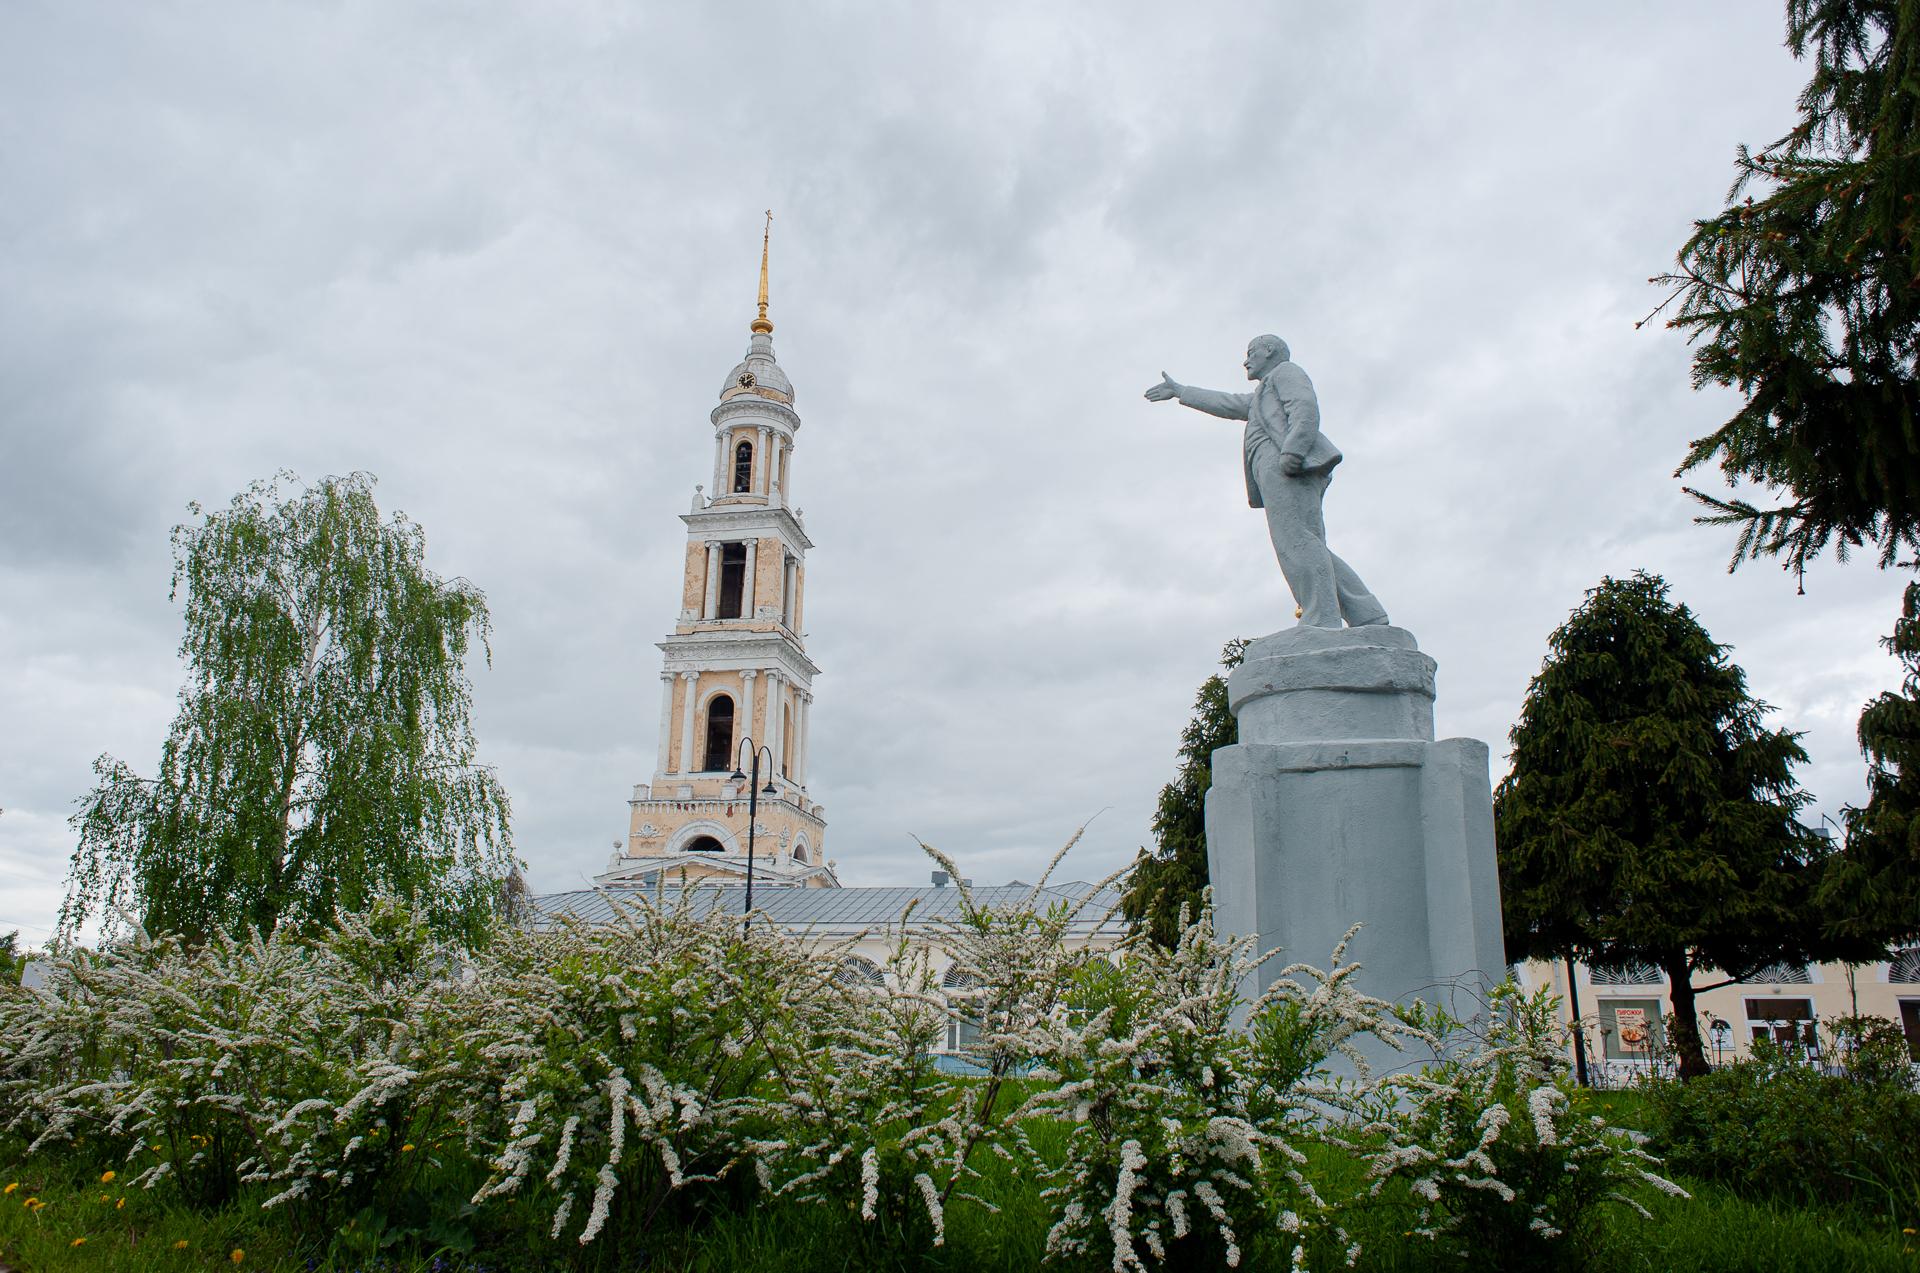 Коломна, Иоанно-Богословский храм, Памятник Ленину